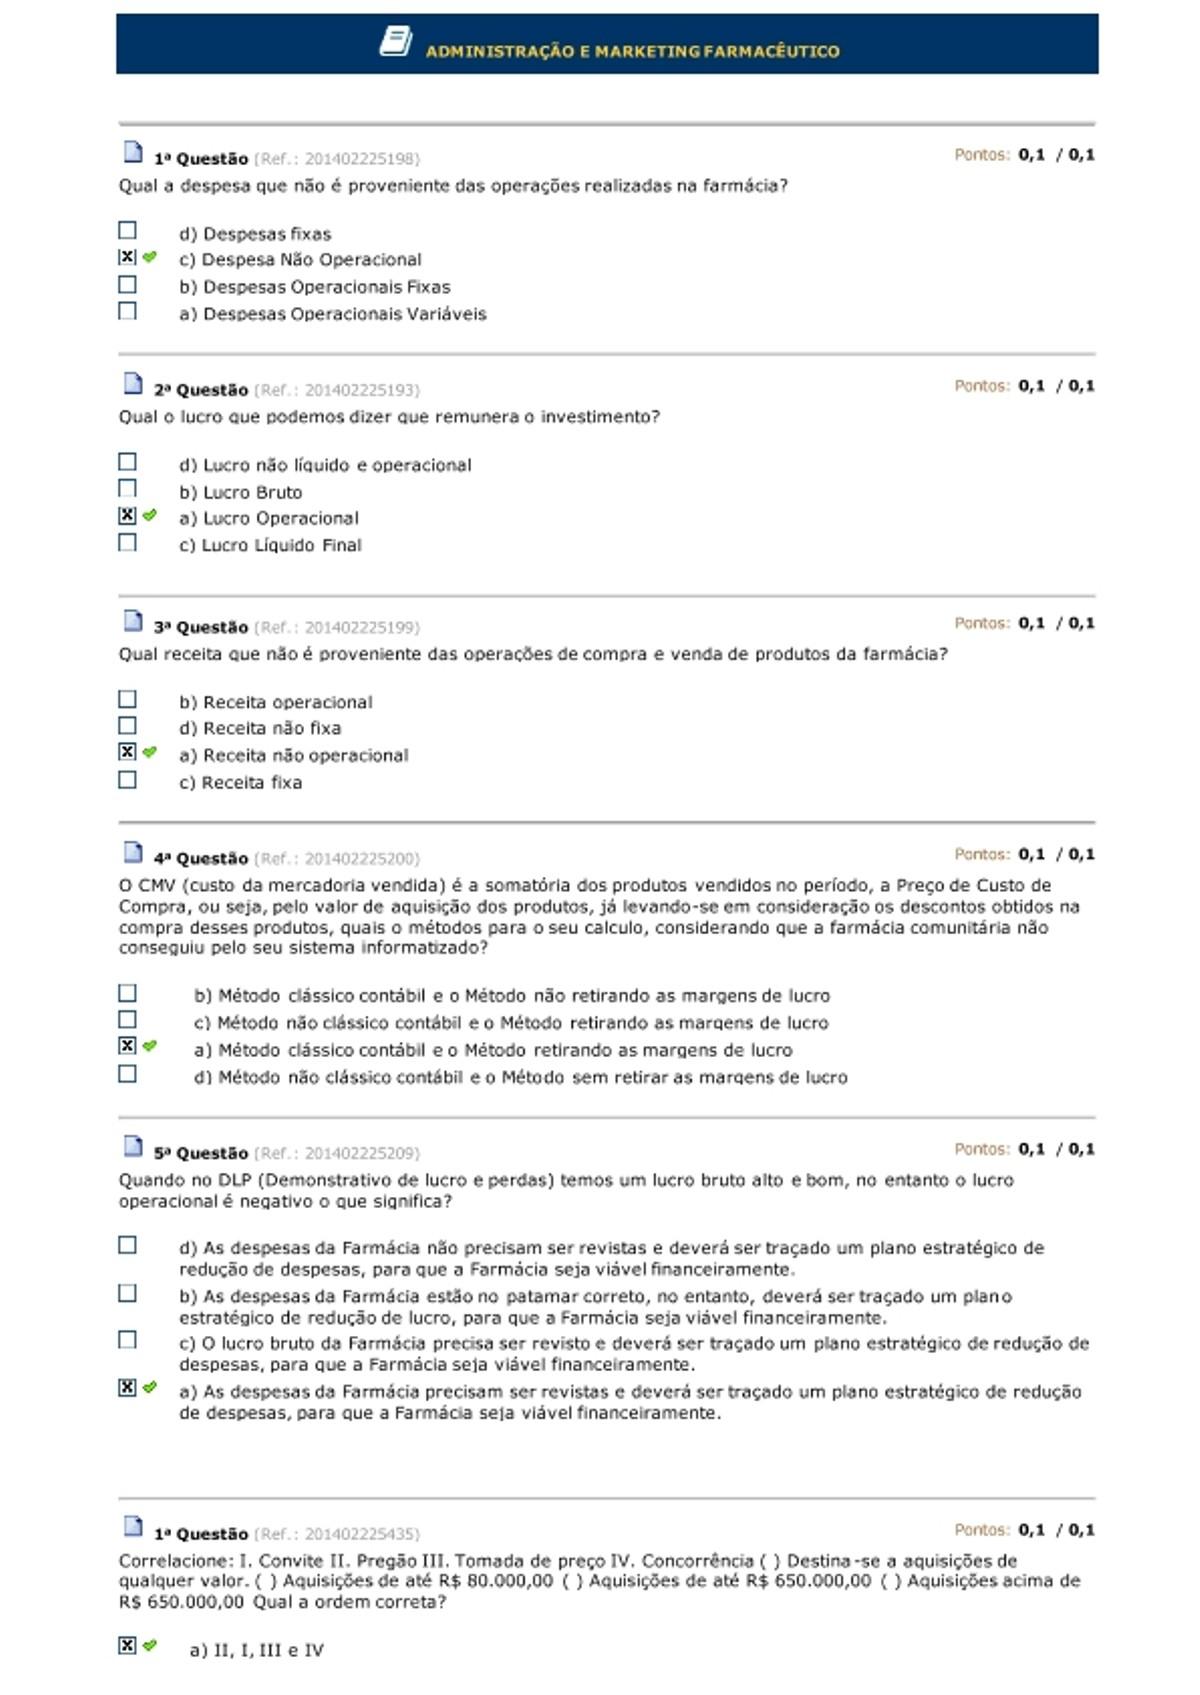 Pre-visualização do material ADMINISTRAÇÃO E MARKETING FARMACÊUTICO - página 1